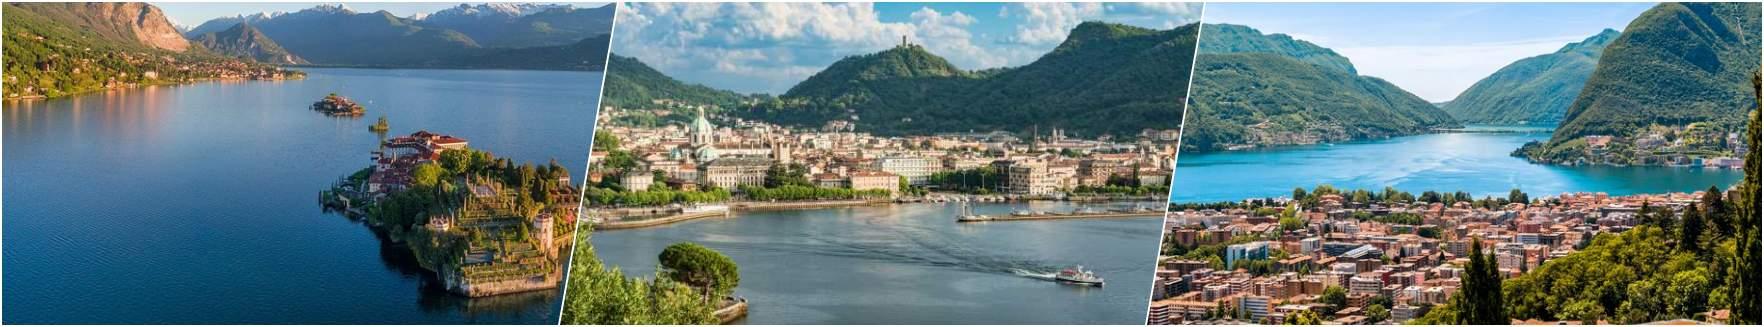 Lake Maggiore - Lake Como - Lugano